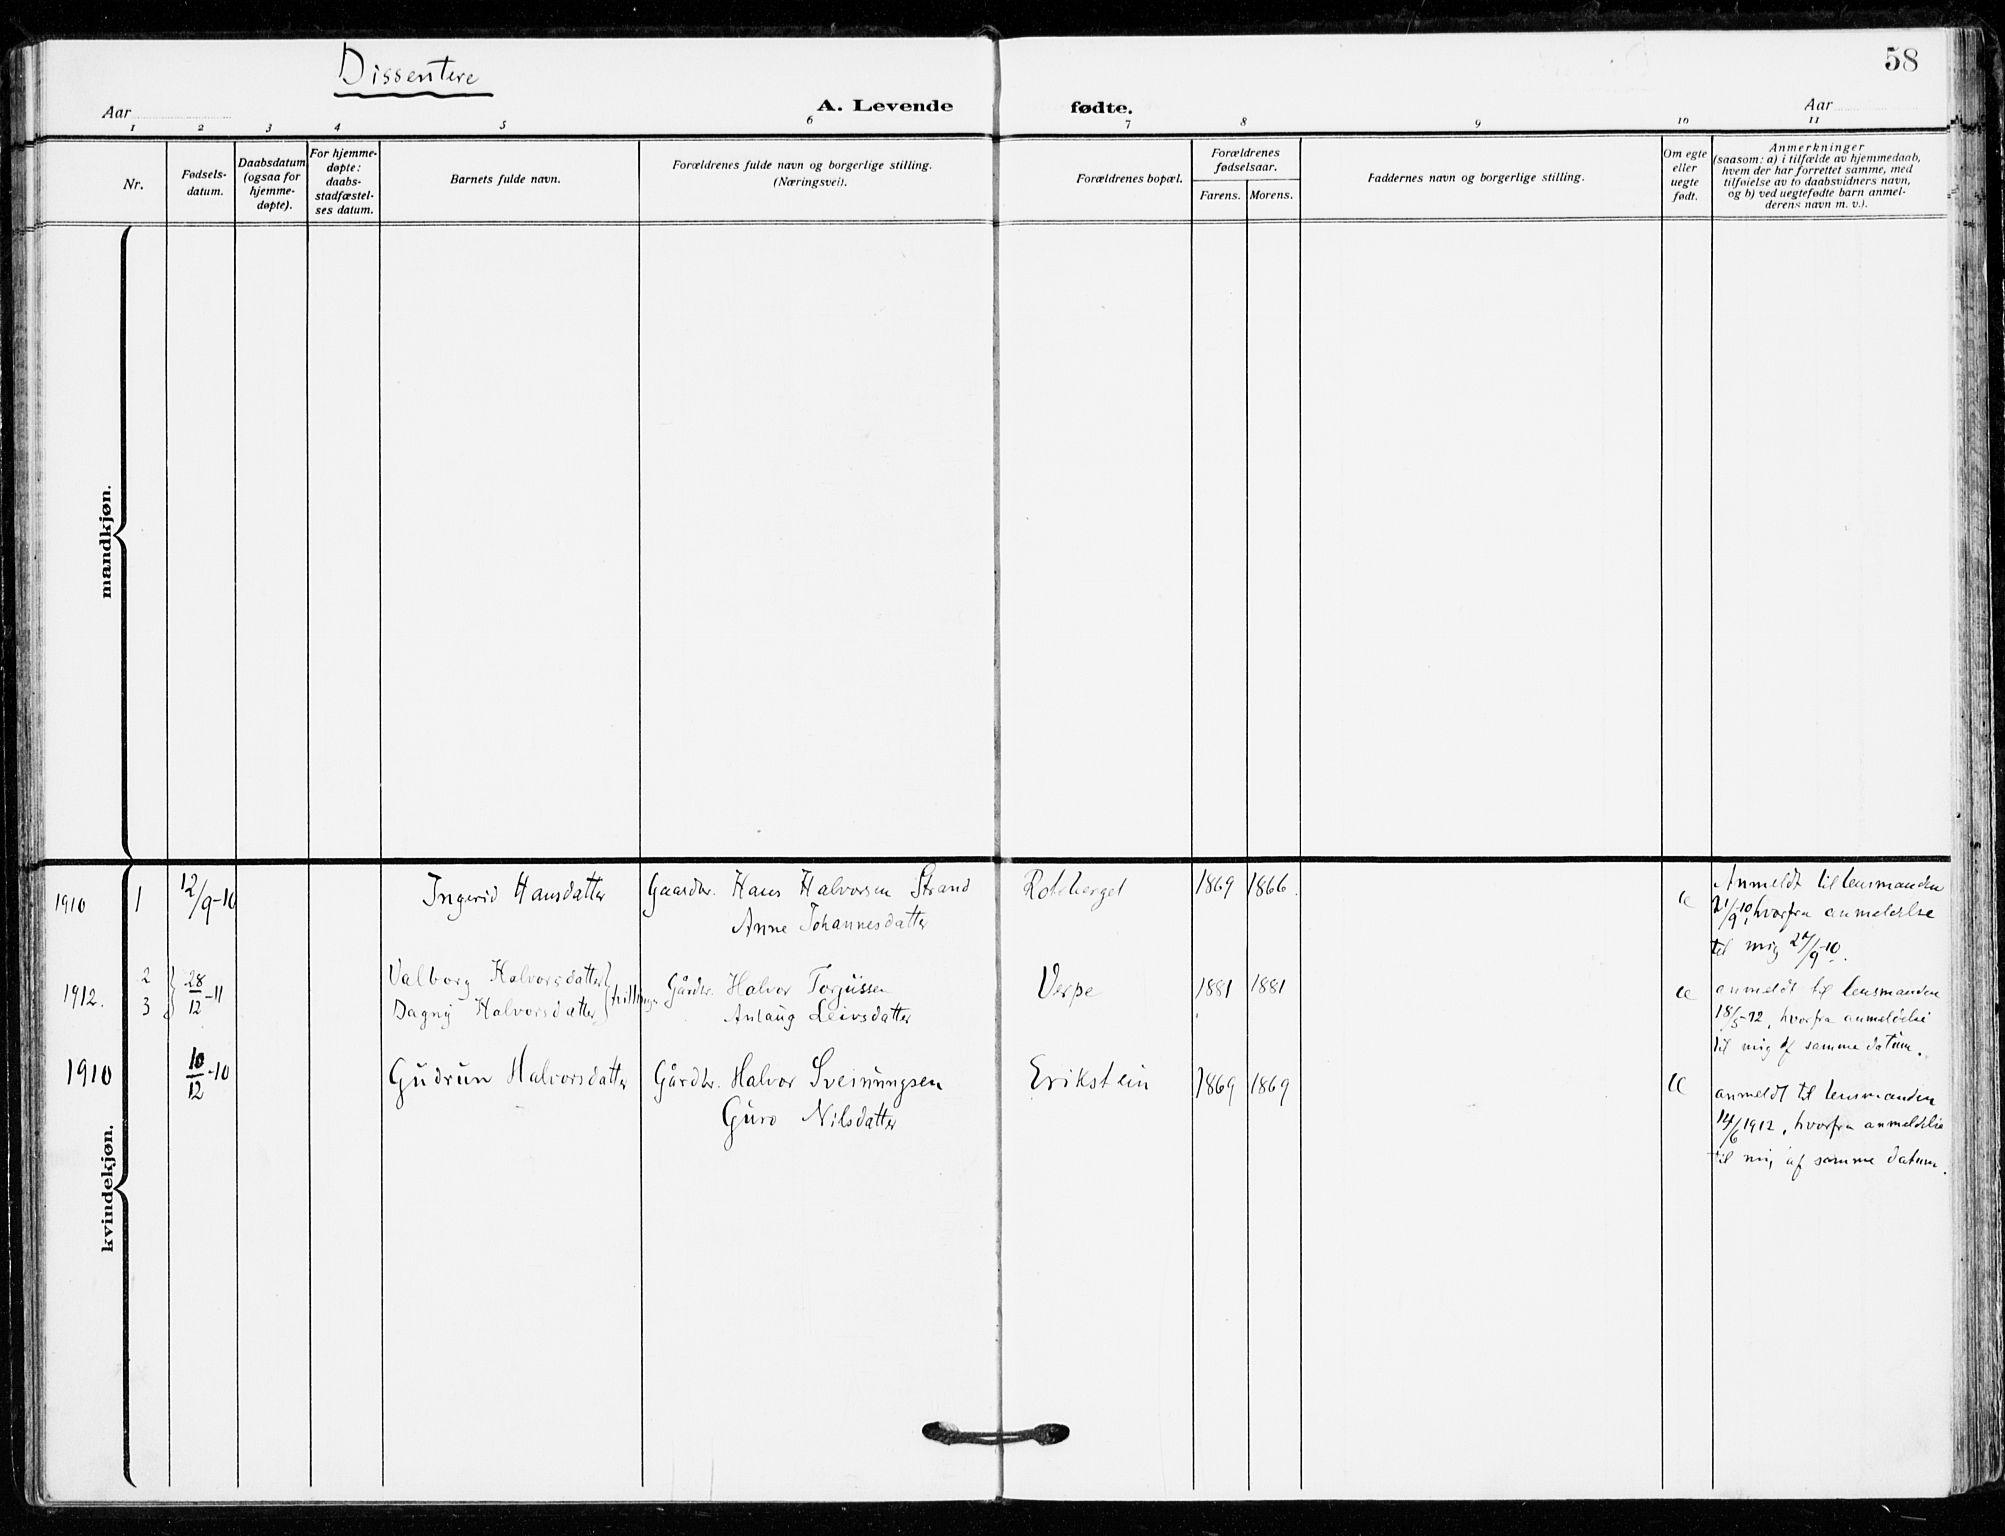 SAKO, Bø kirkebøker, F/Fa/L0013: Ministerialbok nr. 13, 1909-1921, s. 58